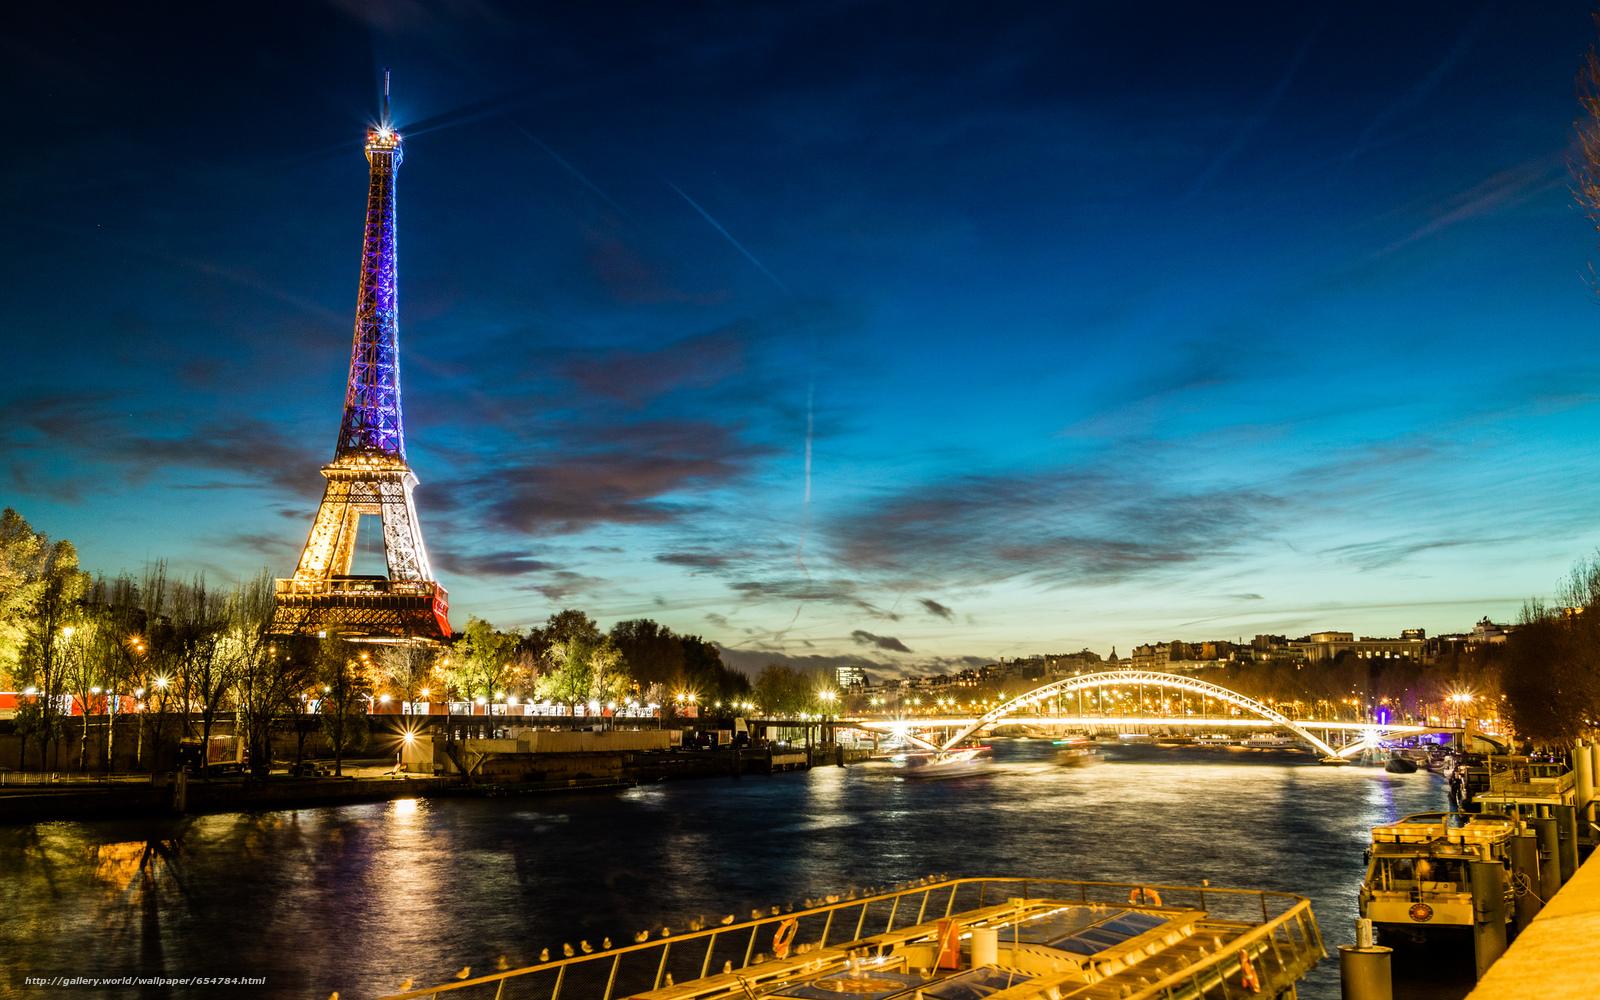 Download wallpaper Eiffel Tower,  Paris,  France,  Eiffel Tower free desktop wallpaper in the resolution 2048x1280 — picture №654784